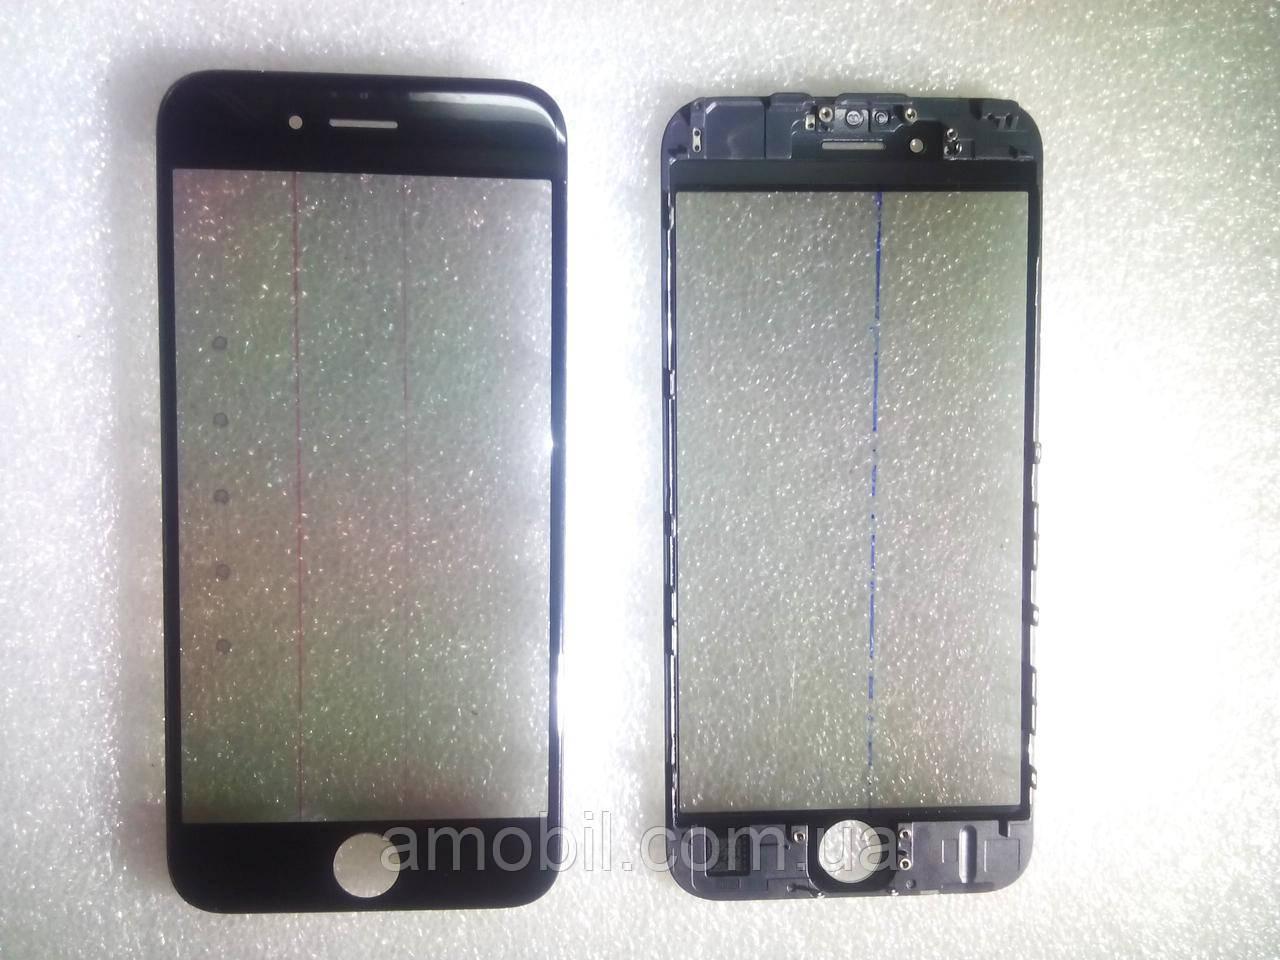 Стекло с дисплейной рамкой , OCA плёнкой и поляризационной плёнкой для iPhone 6S чёрное orig качеств